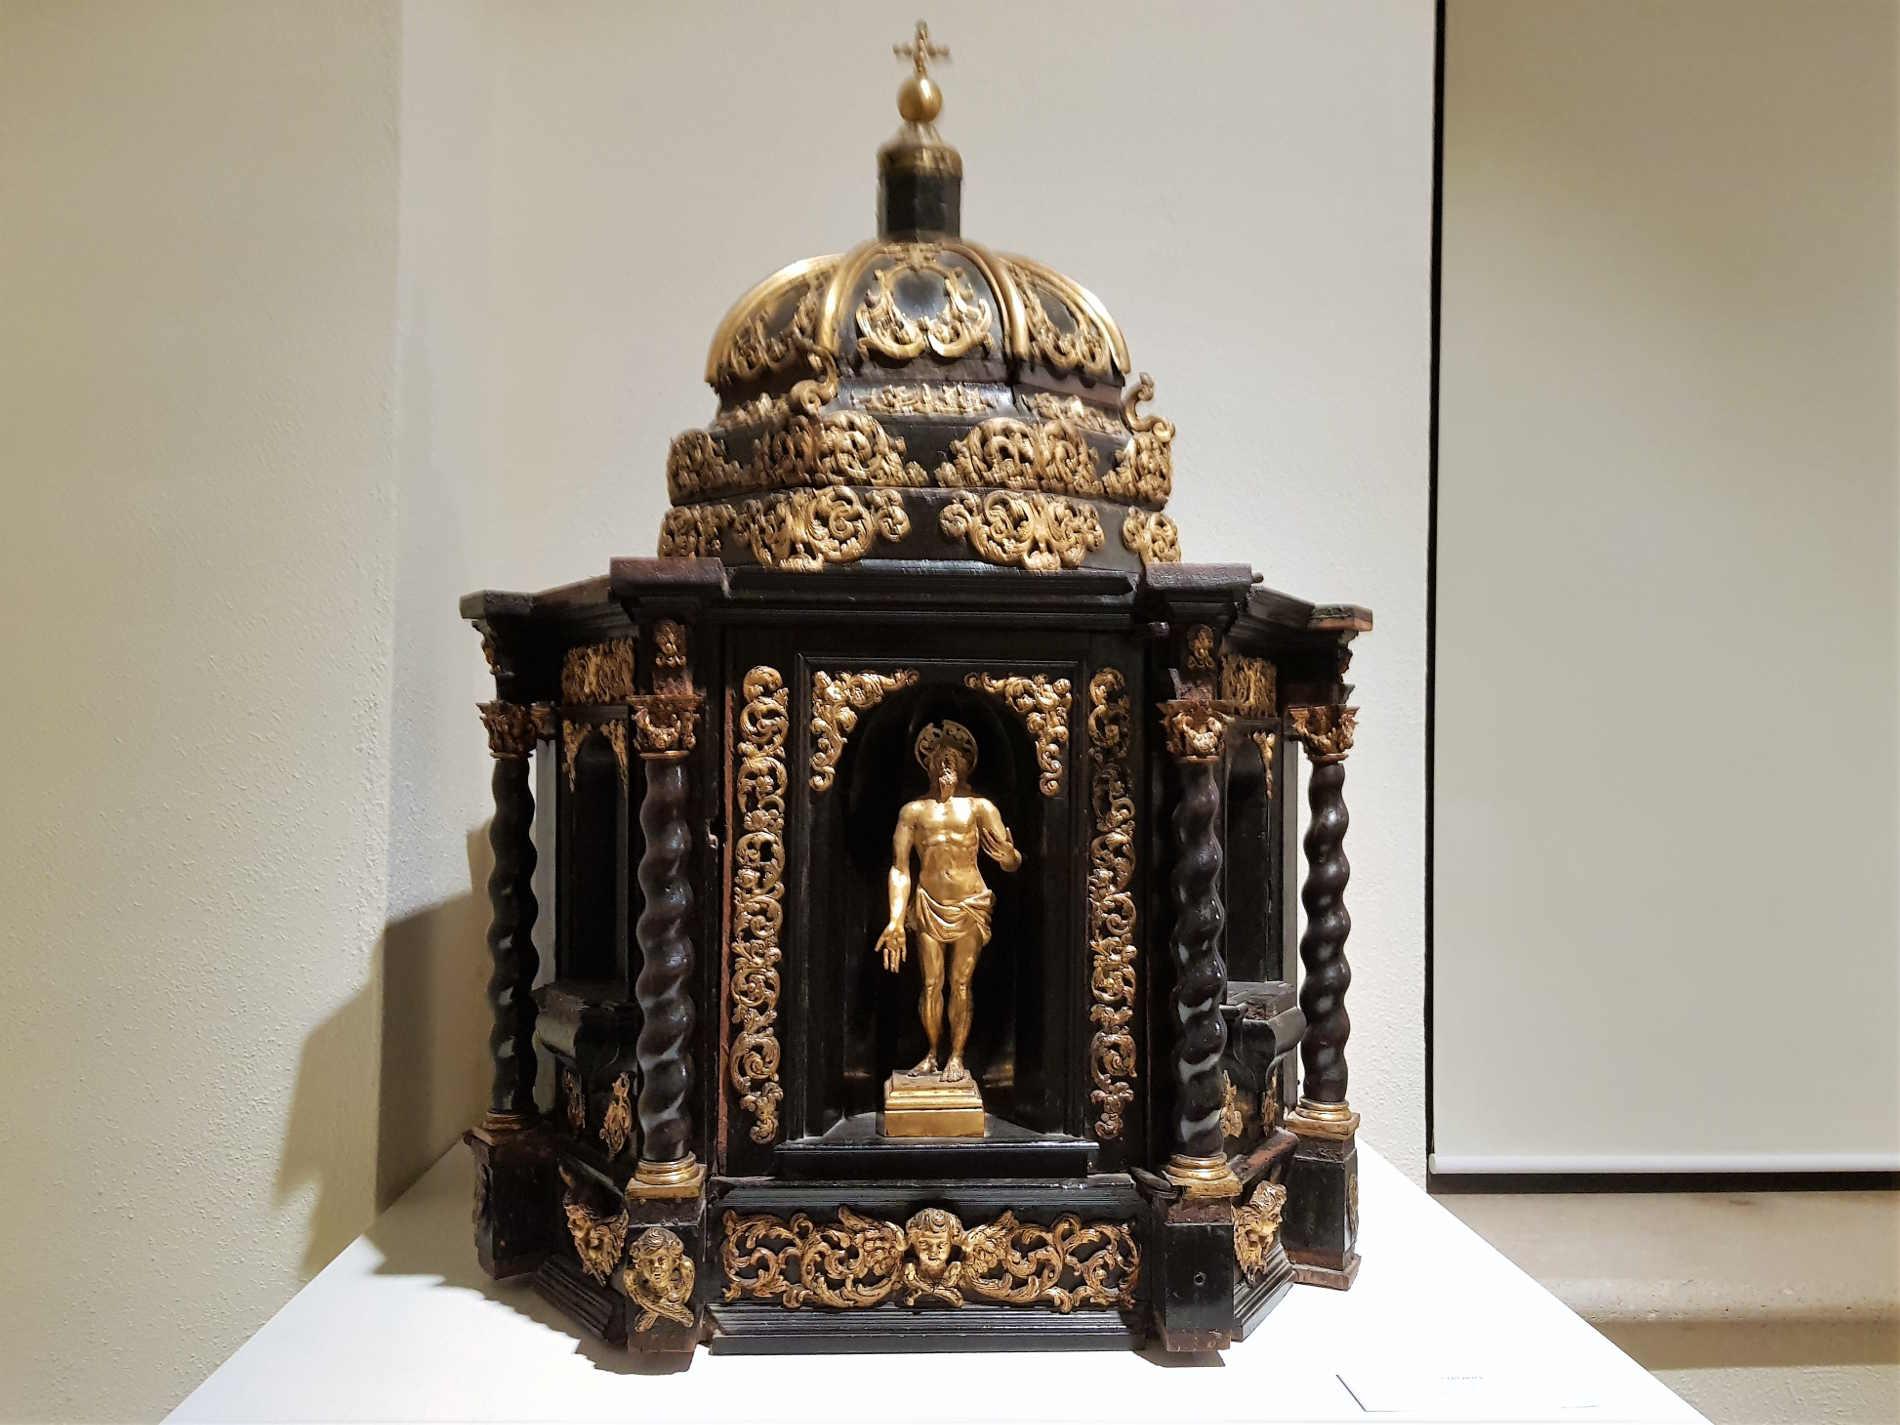 Tabernacolo di ebano e bronzo al Museo Diocesano e del Codex a Rossano